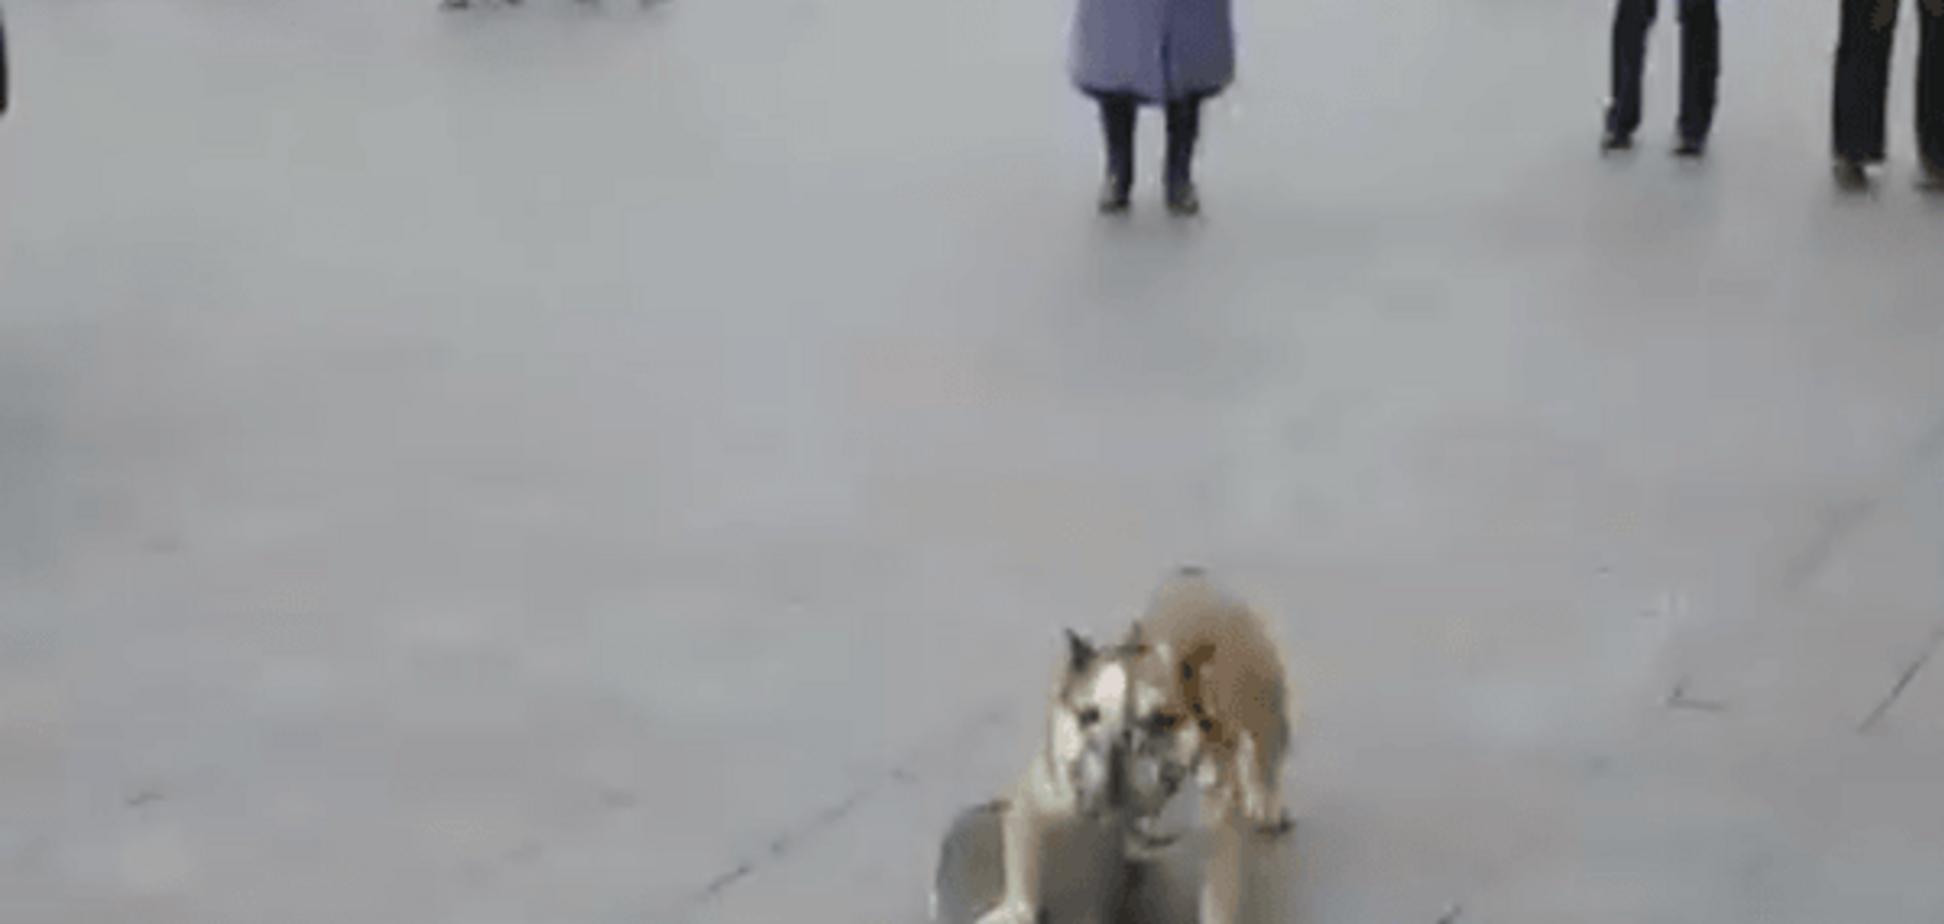 Новорічна зірка мережі: в Одесі бульдог влаштував шоу на скейті під головною ялинкою. Кумедне відео